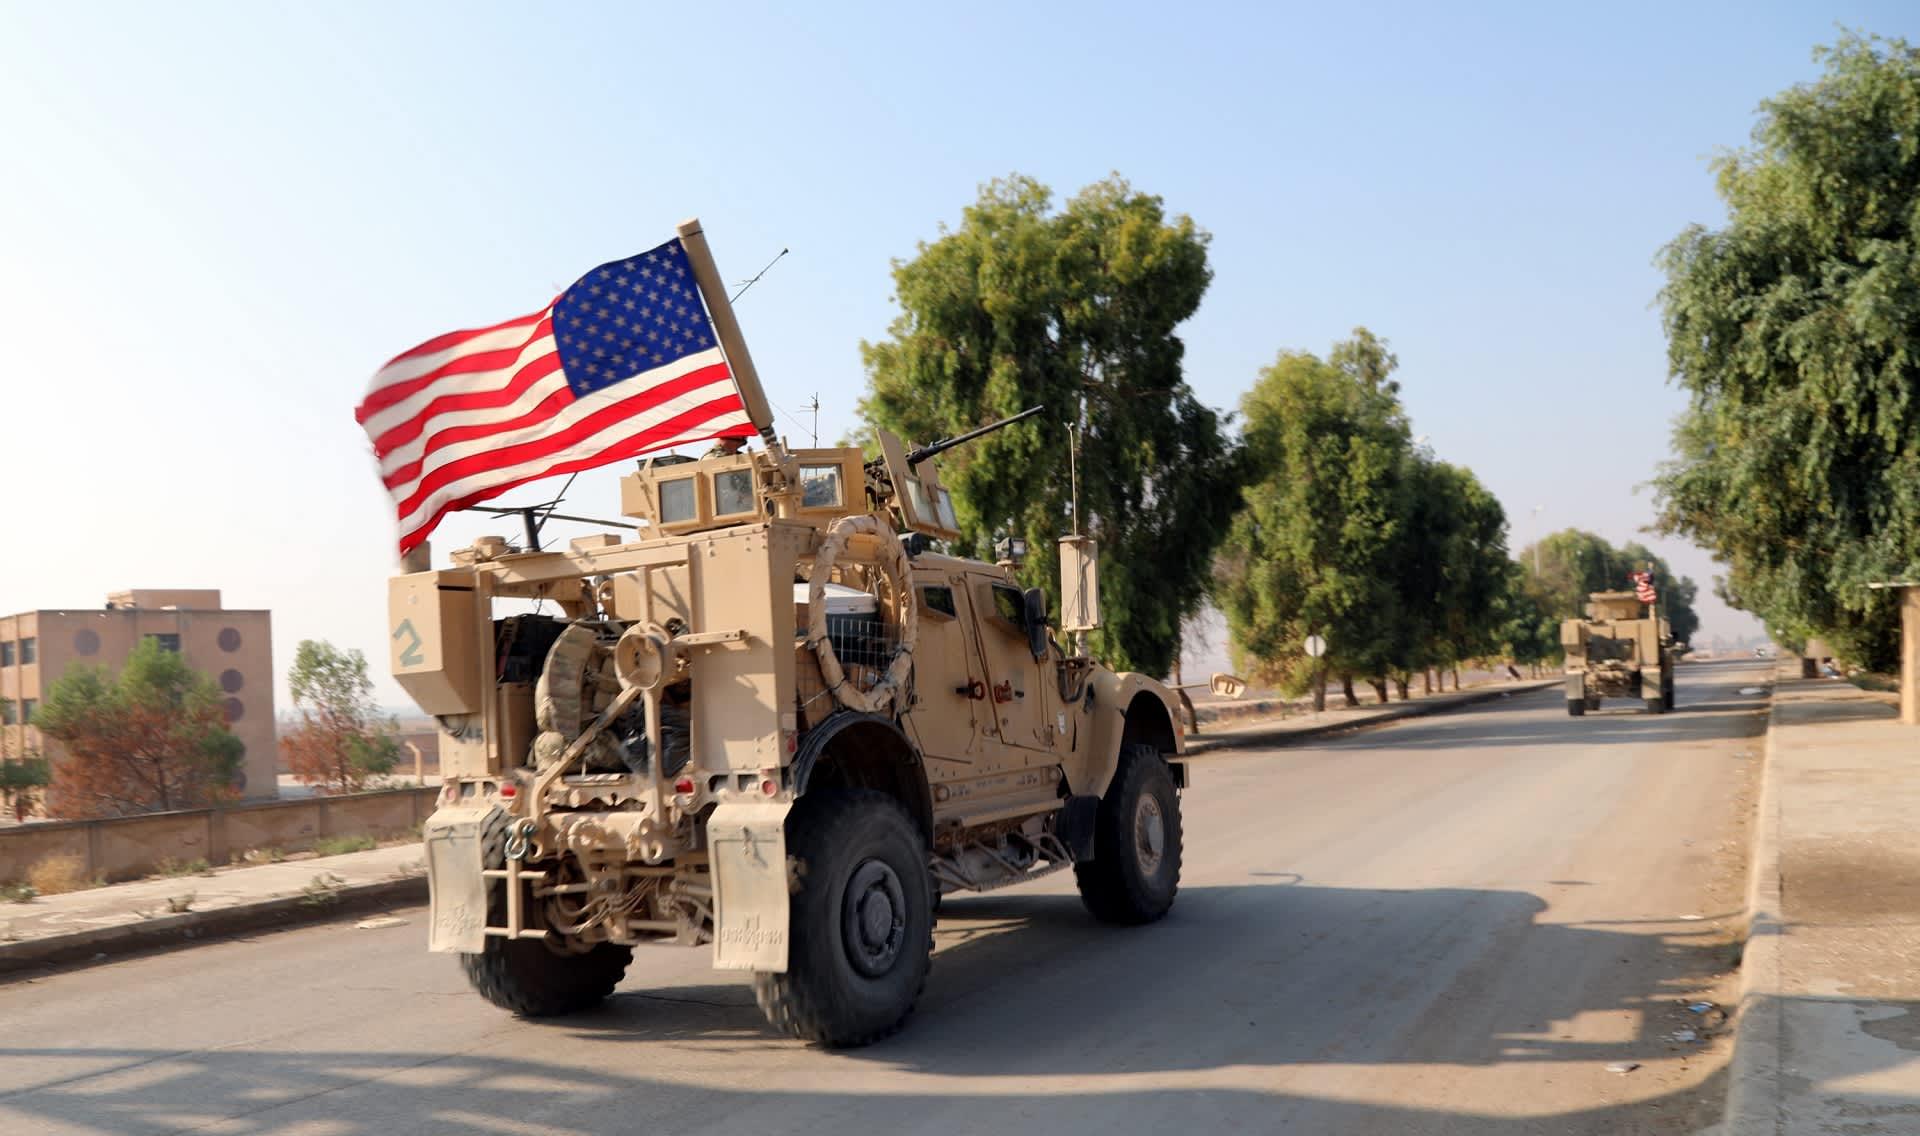 Yhdysvaltain joukkojen käyttämä panssaroitu ajoneuvo